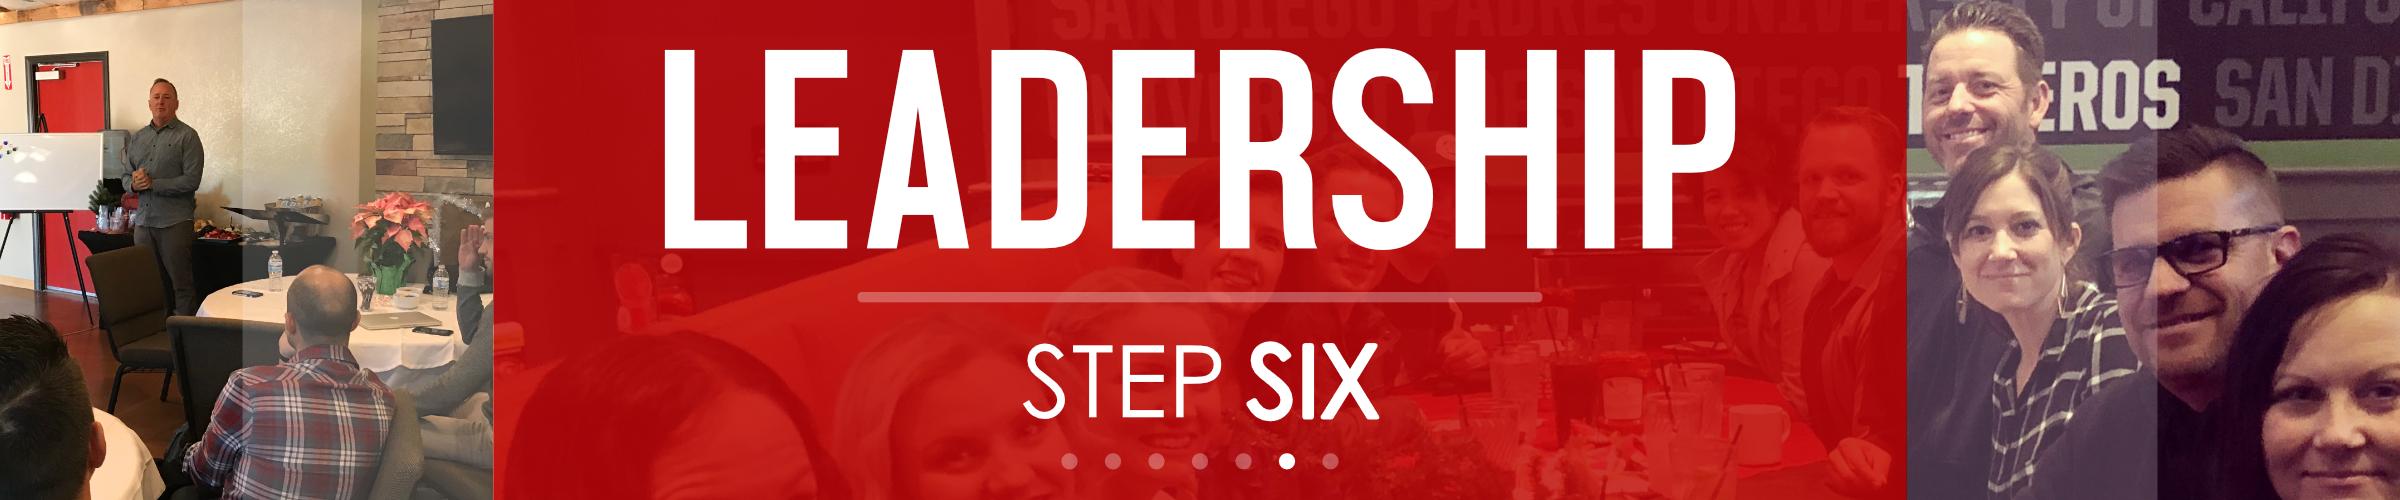 Leadership - Step 6.jpg